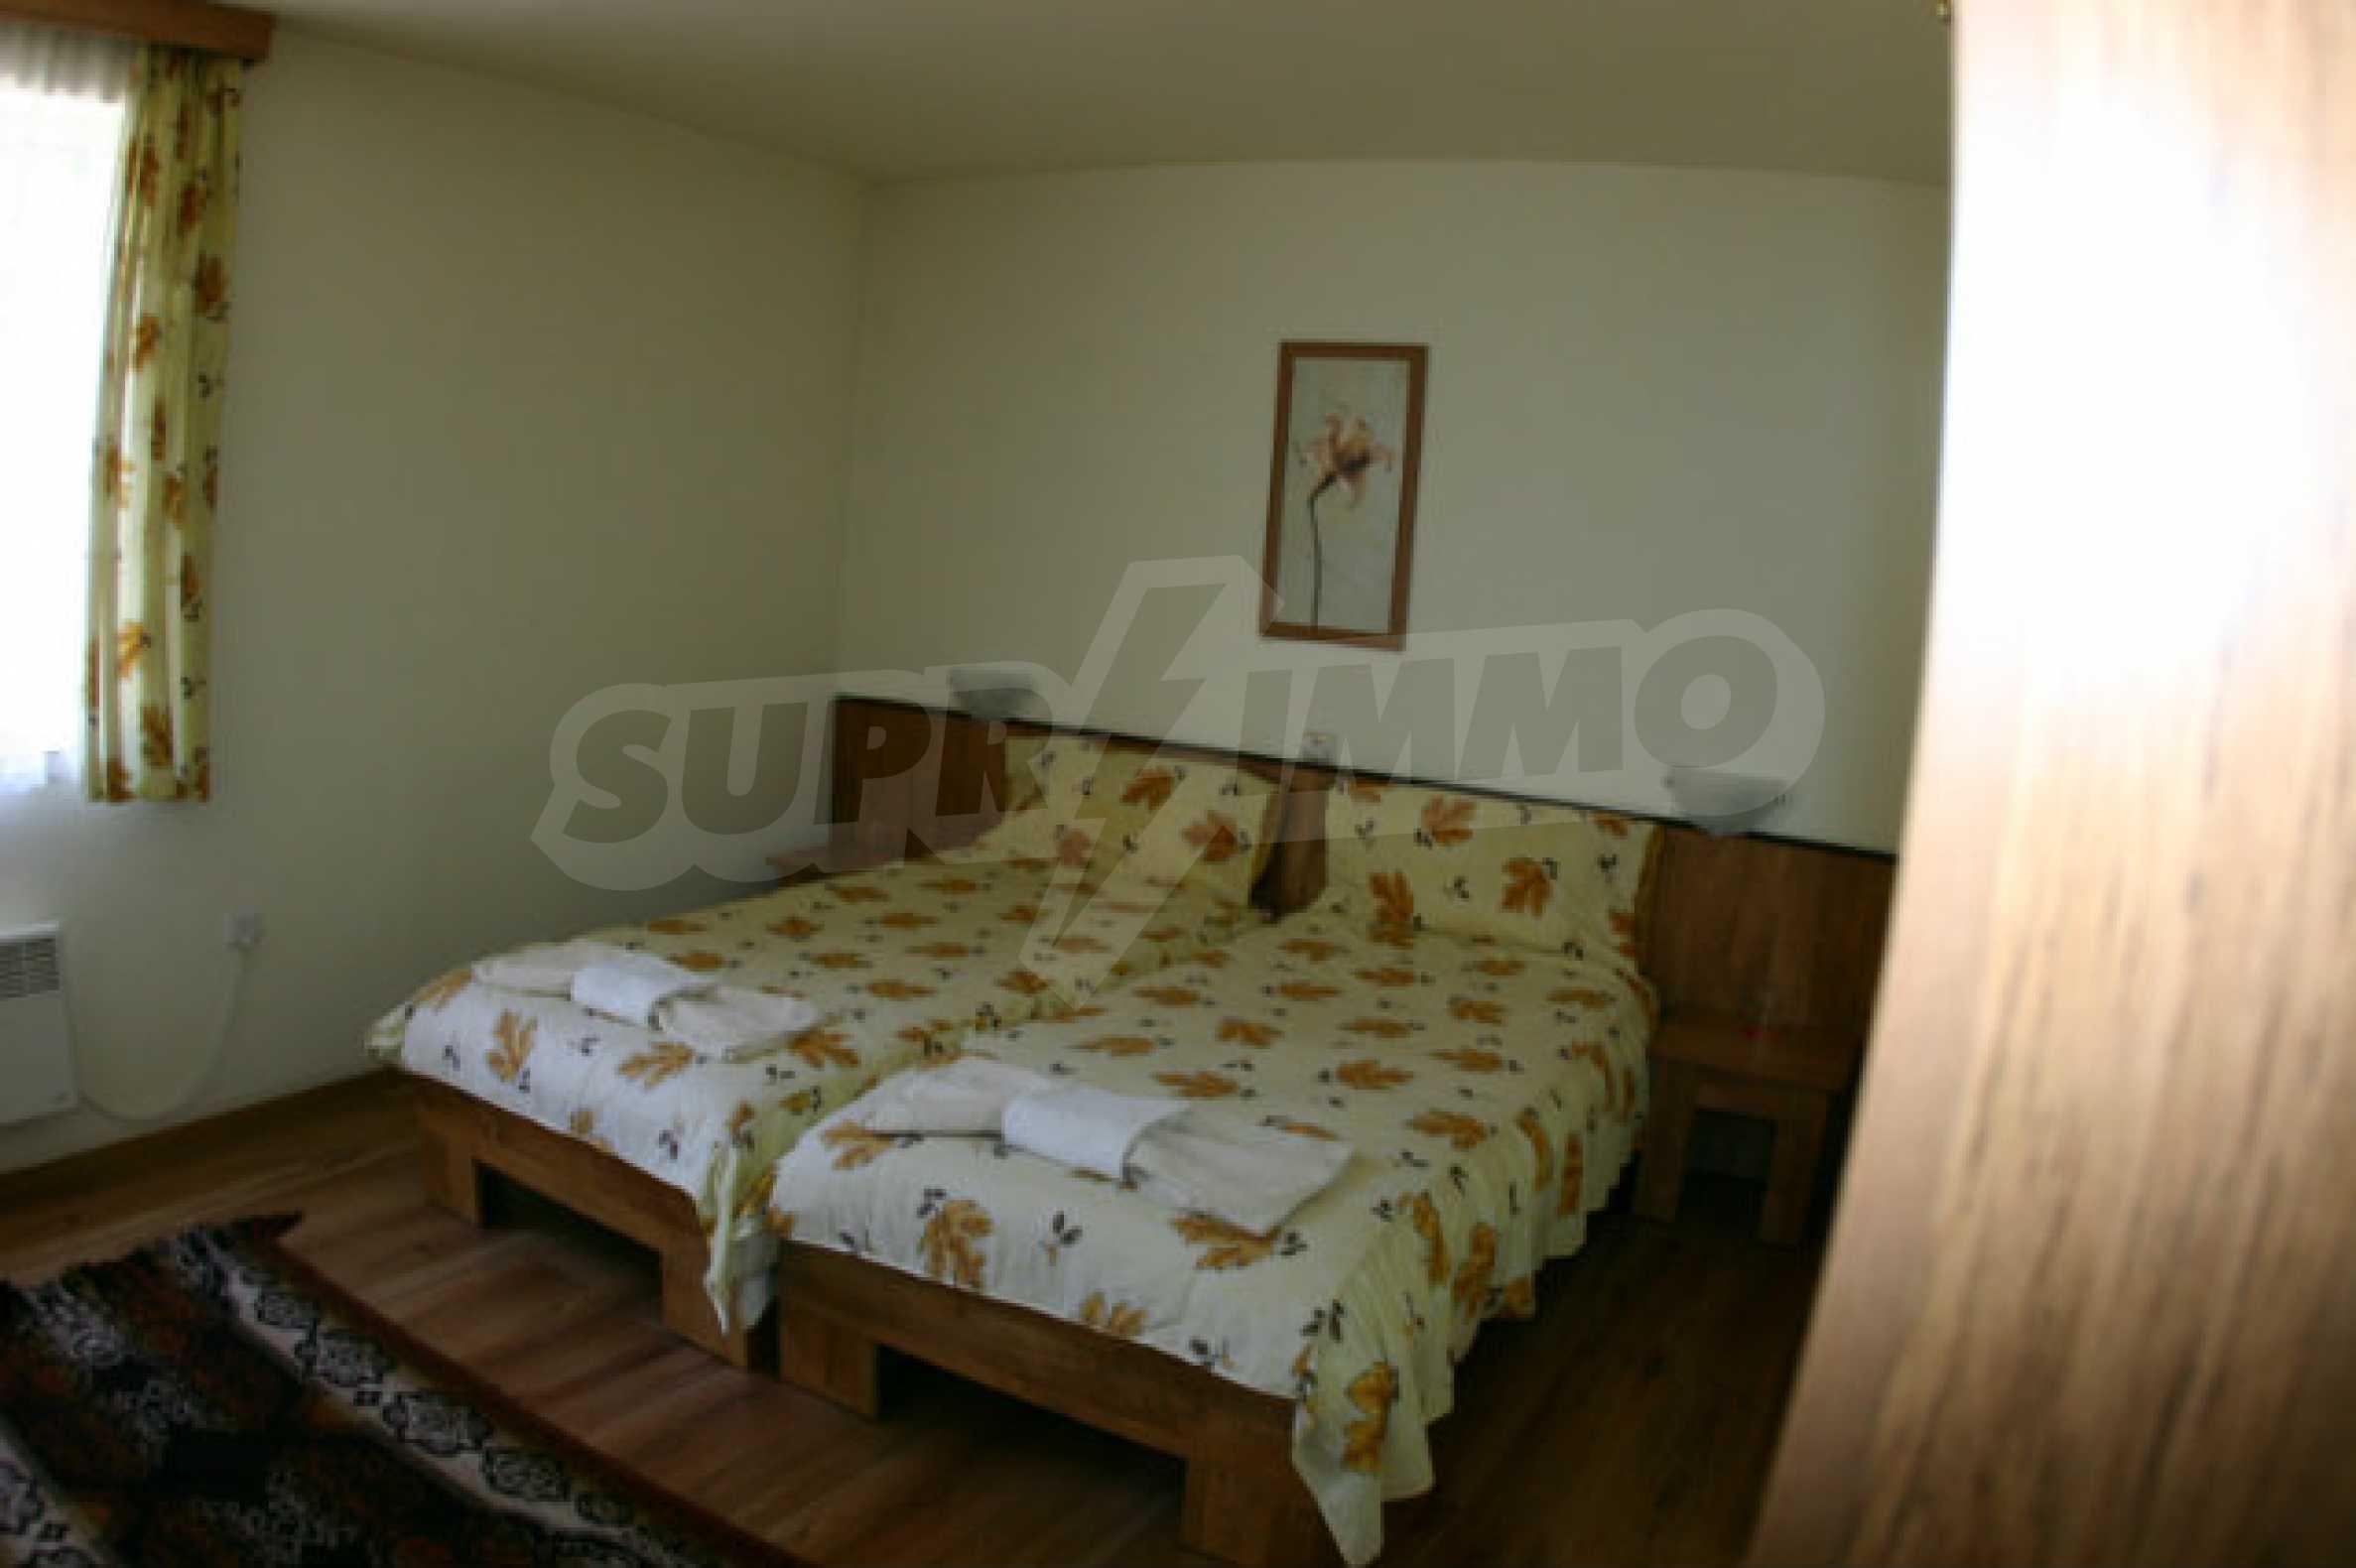 Familienhotel zum Verkauf in Dobrinischte, 6 km von Bansko entfernt 16